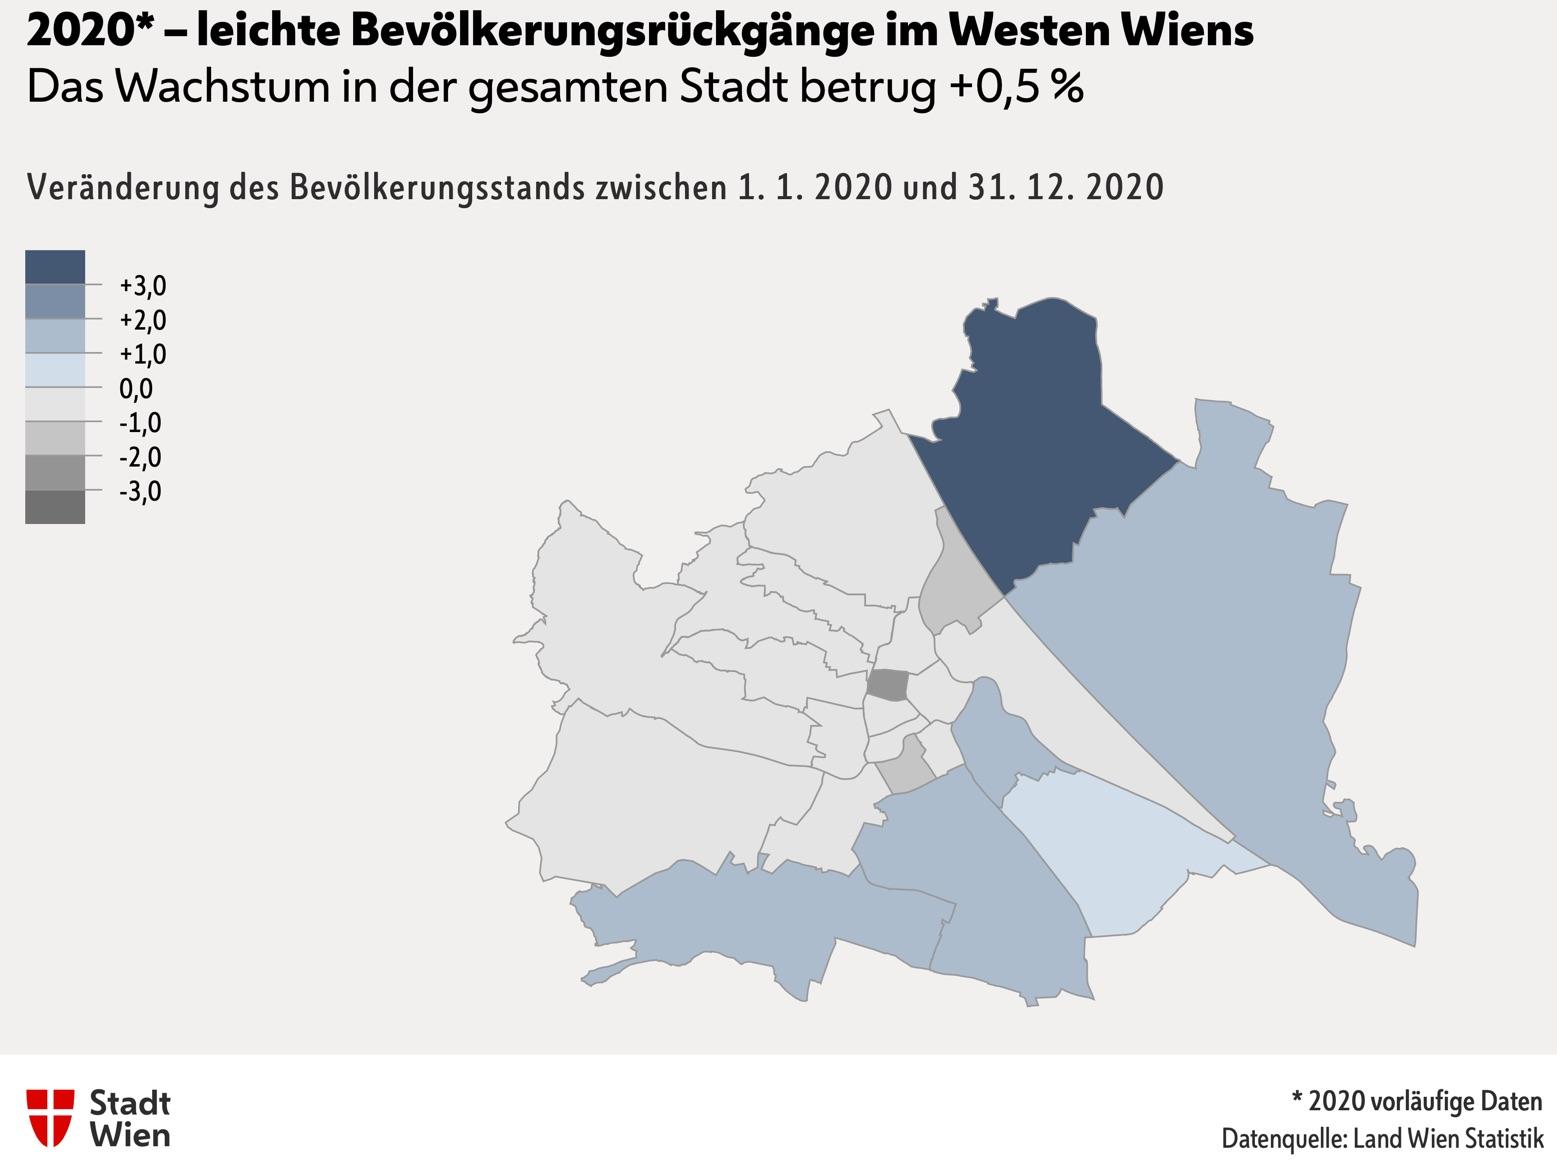 Wien ist die fünftgrößte Stadt der Europäischen Union hinter Berlin, Madrid, Rom und Paris. Das Bevölkertungswachstum (die Grafik zeigt den Jahresvergleich 2020) beschränkt sich fast ausschließlich aufdie Flächenbezirke. In Floridsorf betrug das Wachstum 3,6%, in der Donaustadt 1,9%, in Landstraße 1,7%, inFavoriten 1,6% und inLiesing 1,2%. In der Josefstadt gab es einMinus von 2,1% ... Grafik: MA23 - Statistik Wien.